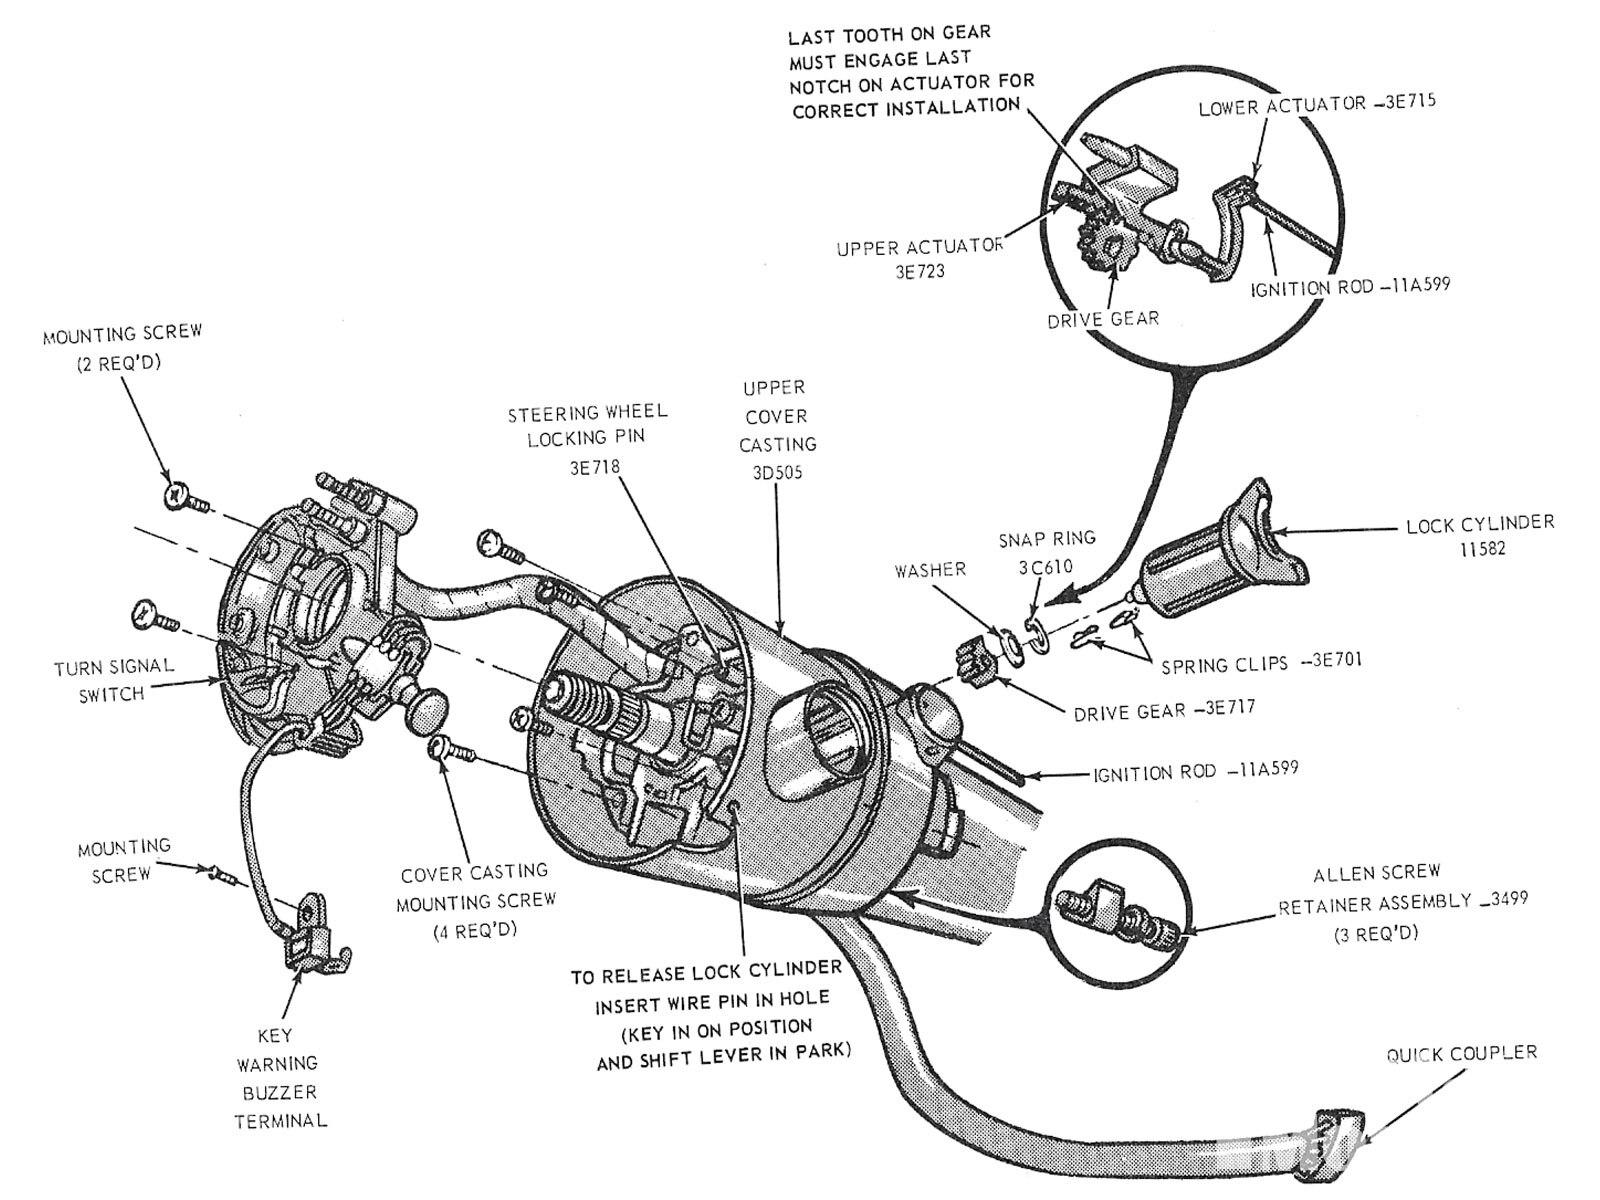 Wm Ford Mustang Tilt Steering Wheel Horn